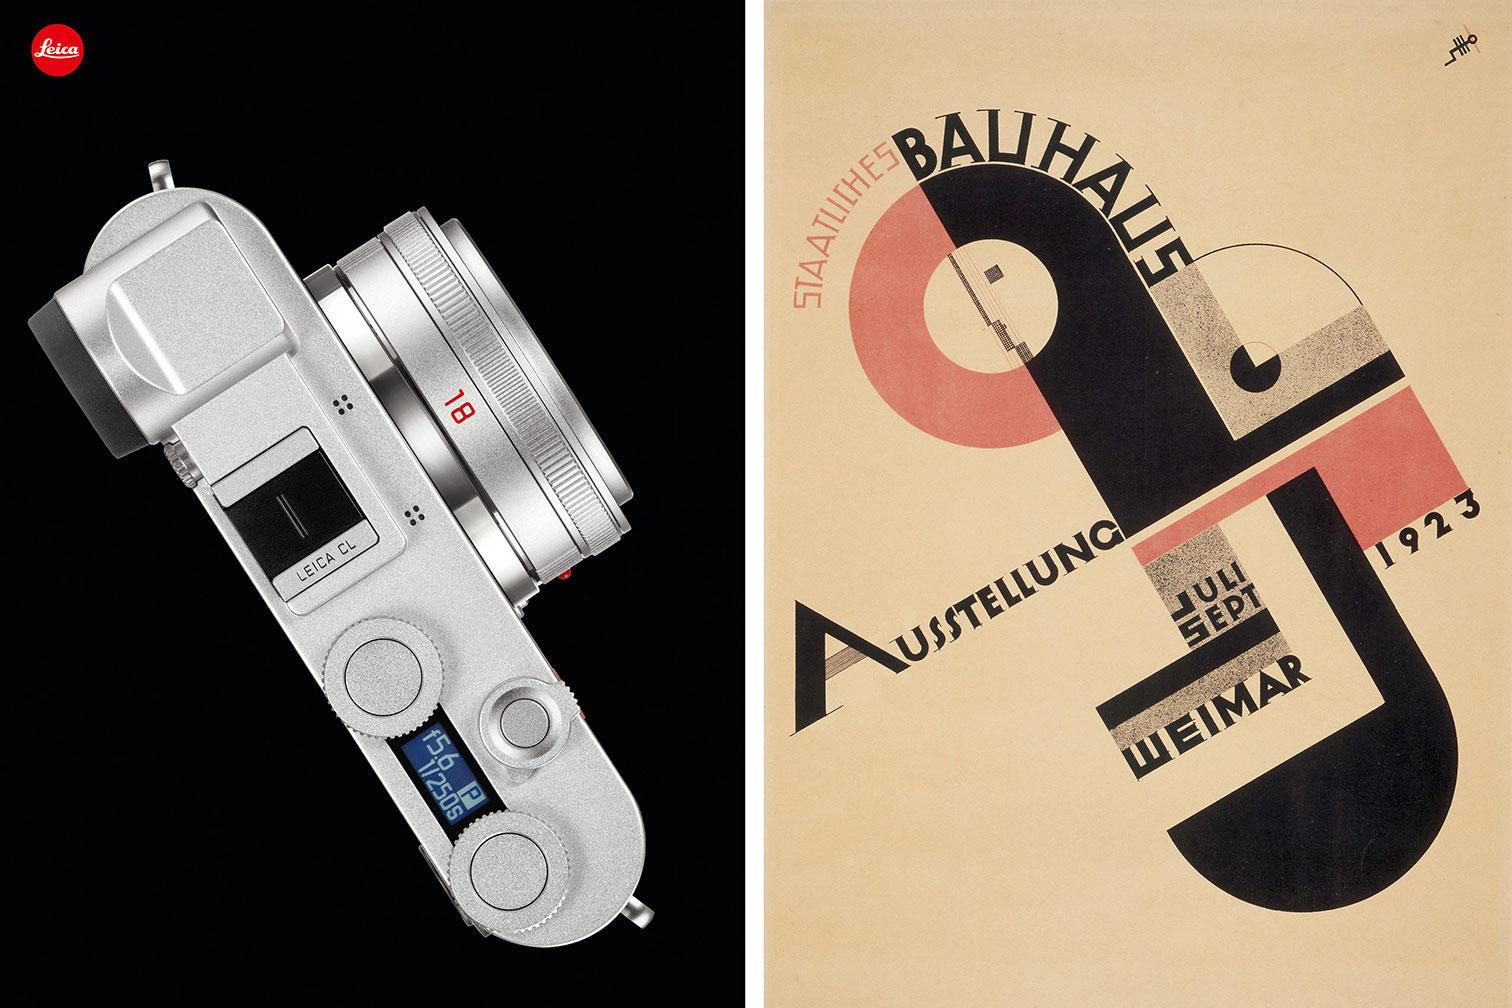 Leica CL Bauhaus, a special edition celebrates the centennial